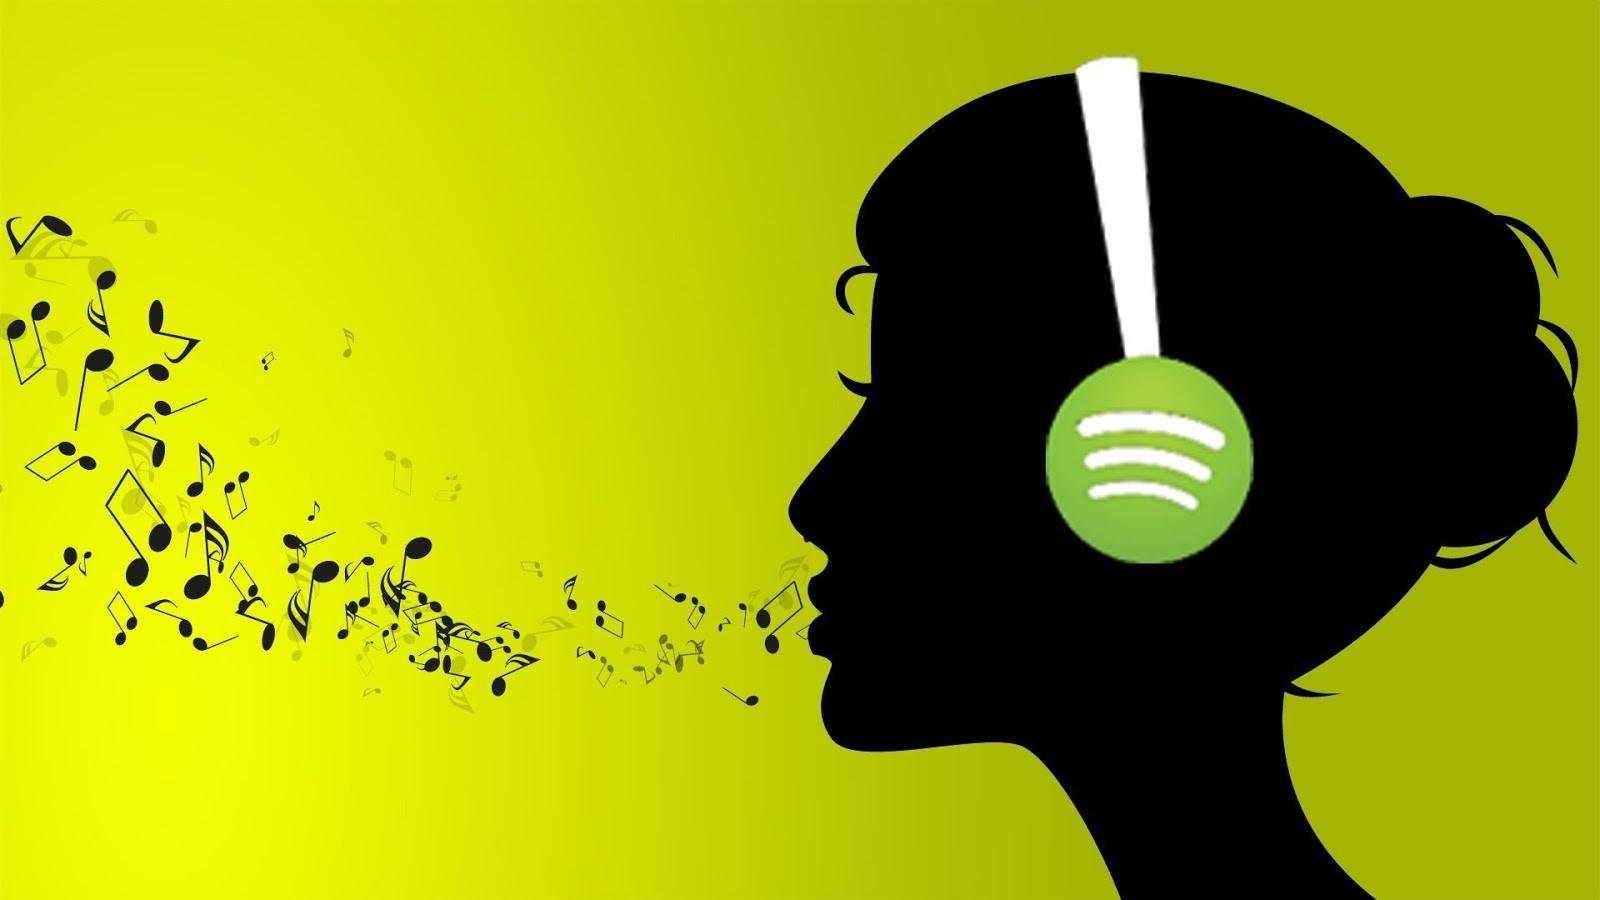 """Ai cũng biết Spotify là để nghe nhạc rồi nhưng còn quá nhiều điều về """"gã khổng lồ này mà bạn chưa biết - Ảnh 3."""